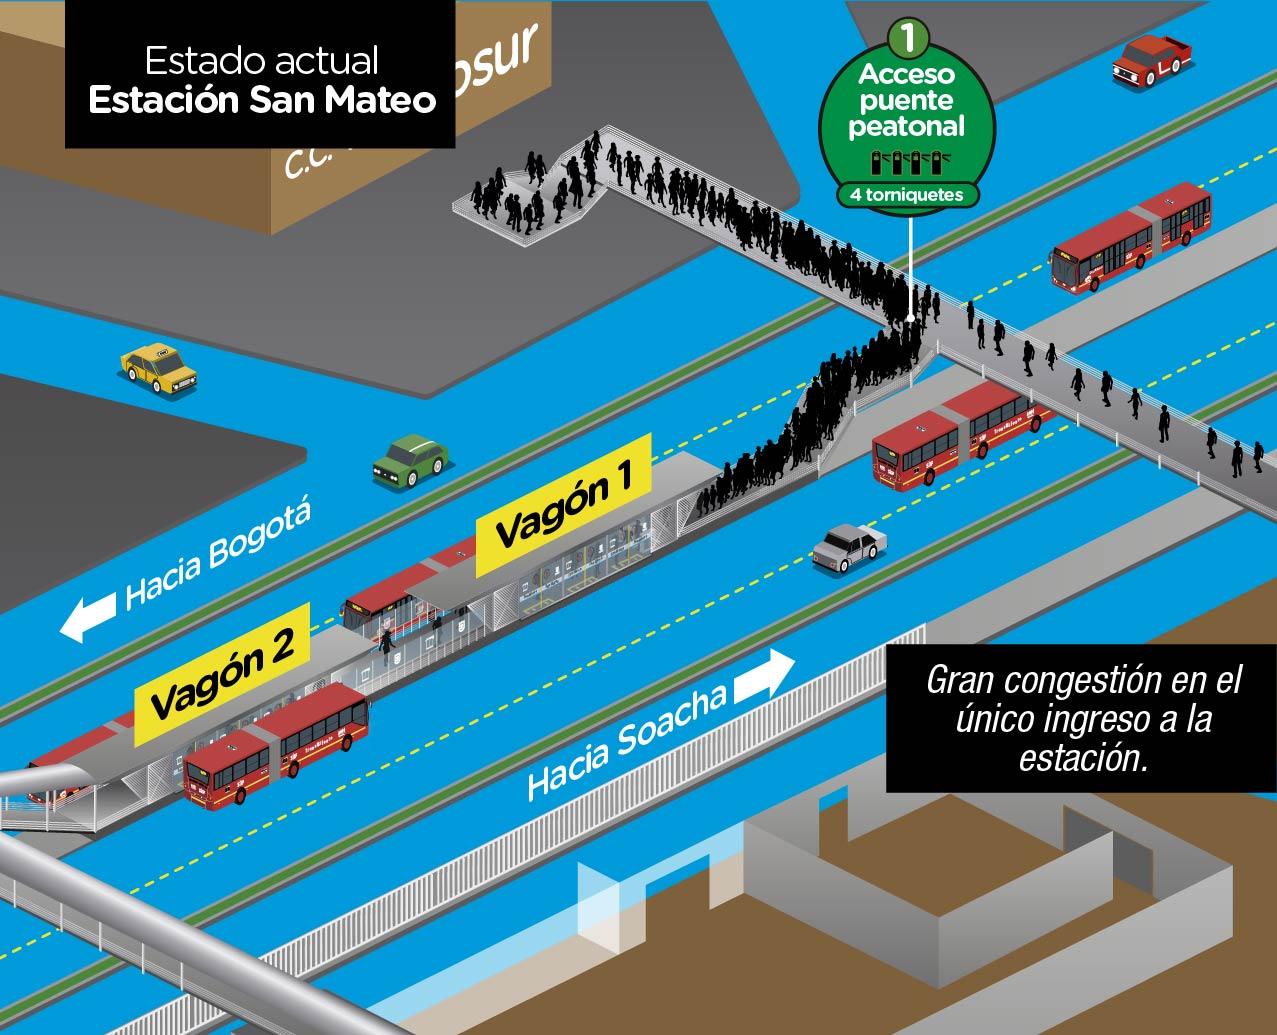 Amanecer Comunitario Ampliacion De Rutas Y Entrada En Fucionamiento De Nuevas Estaciones De Transmilenio En Soacha